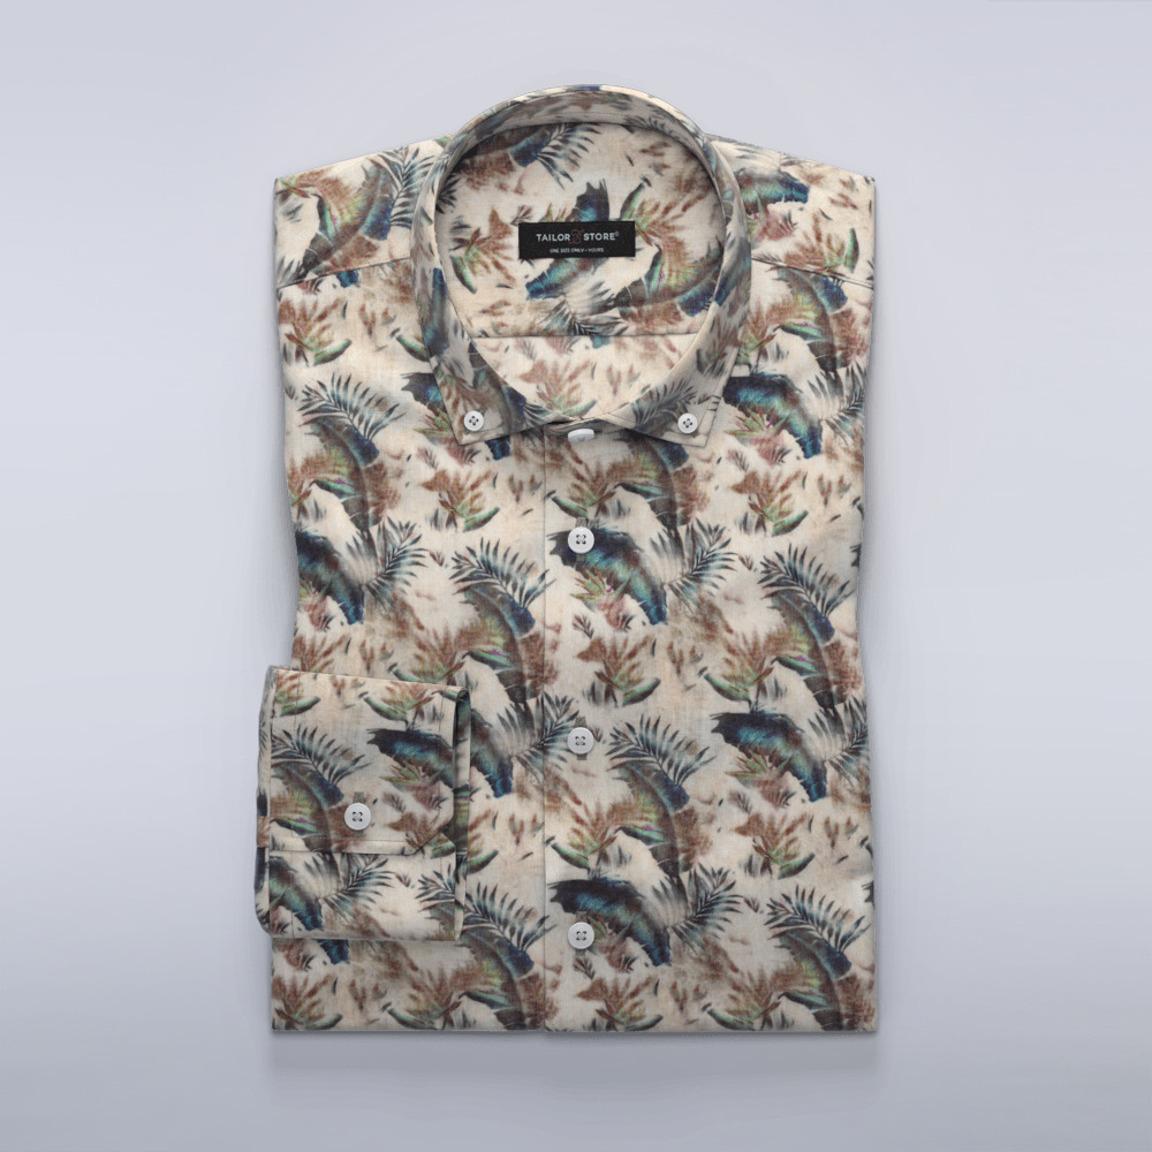 Beiges, gedrucktes Leinenhemd in limitierter Auflage